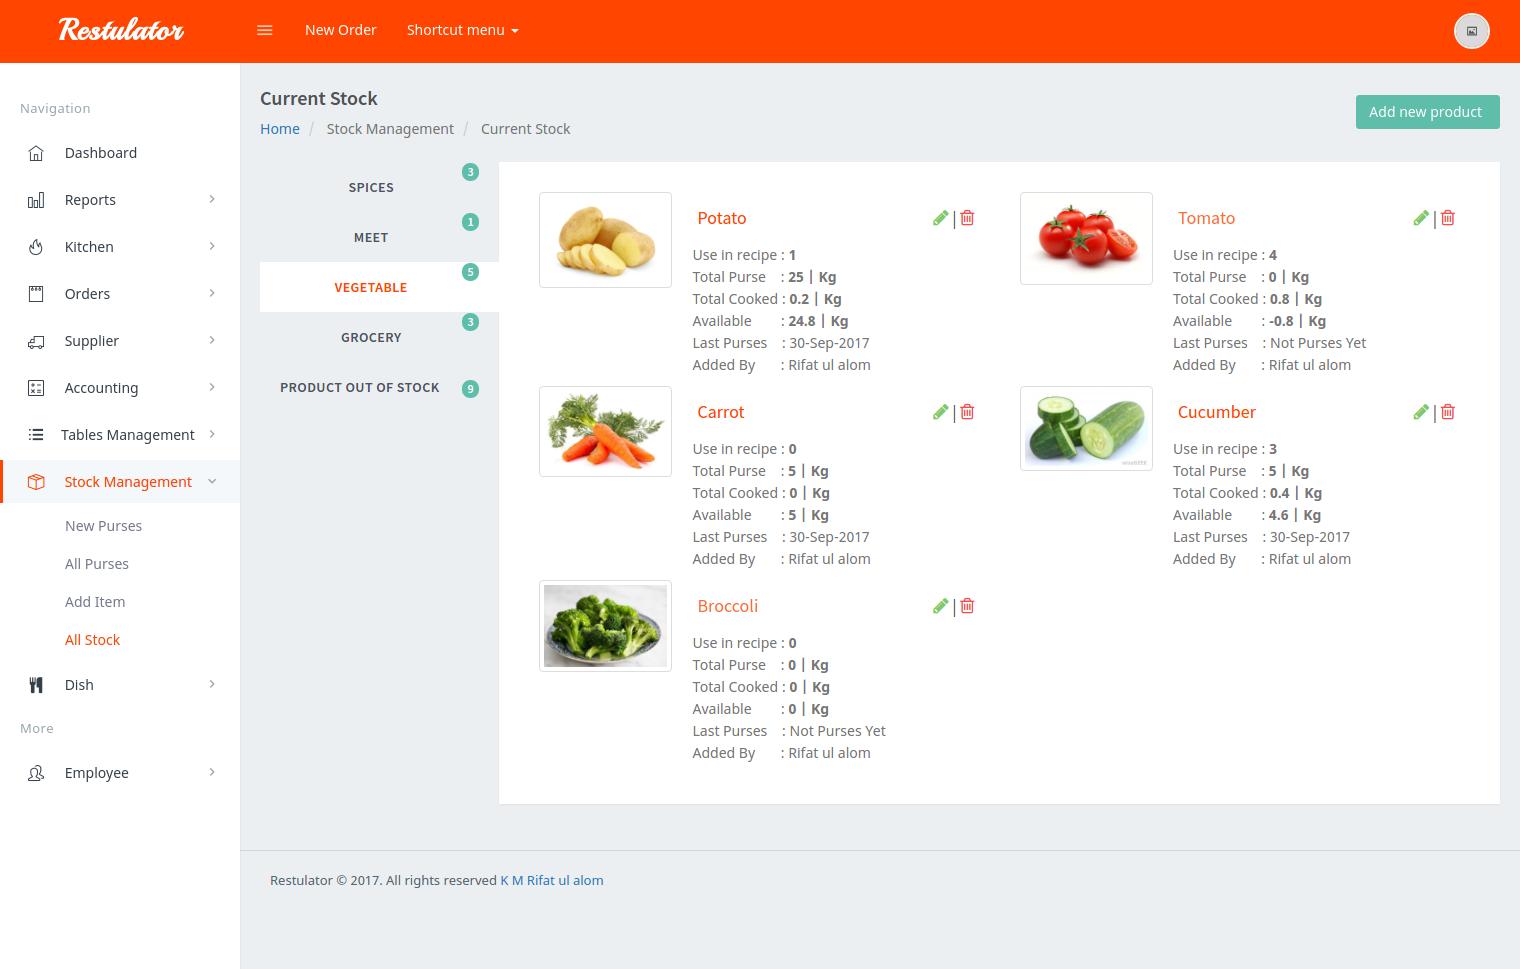 Script Restaurante - Restulator - Sistema de Gestão de Restaurantes no Laravel 5.5 com Pusher e jQuery